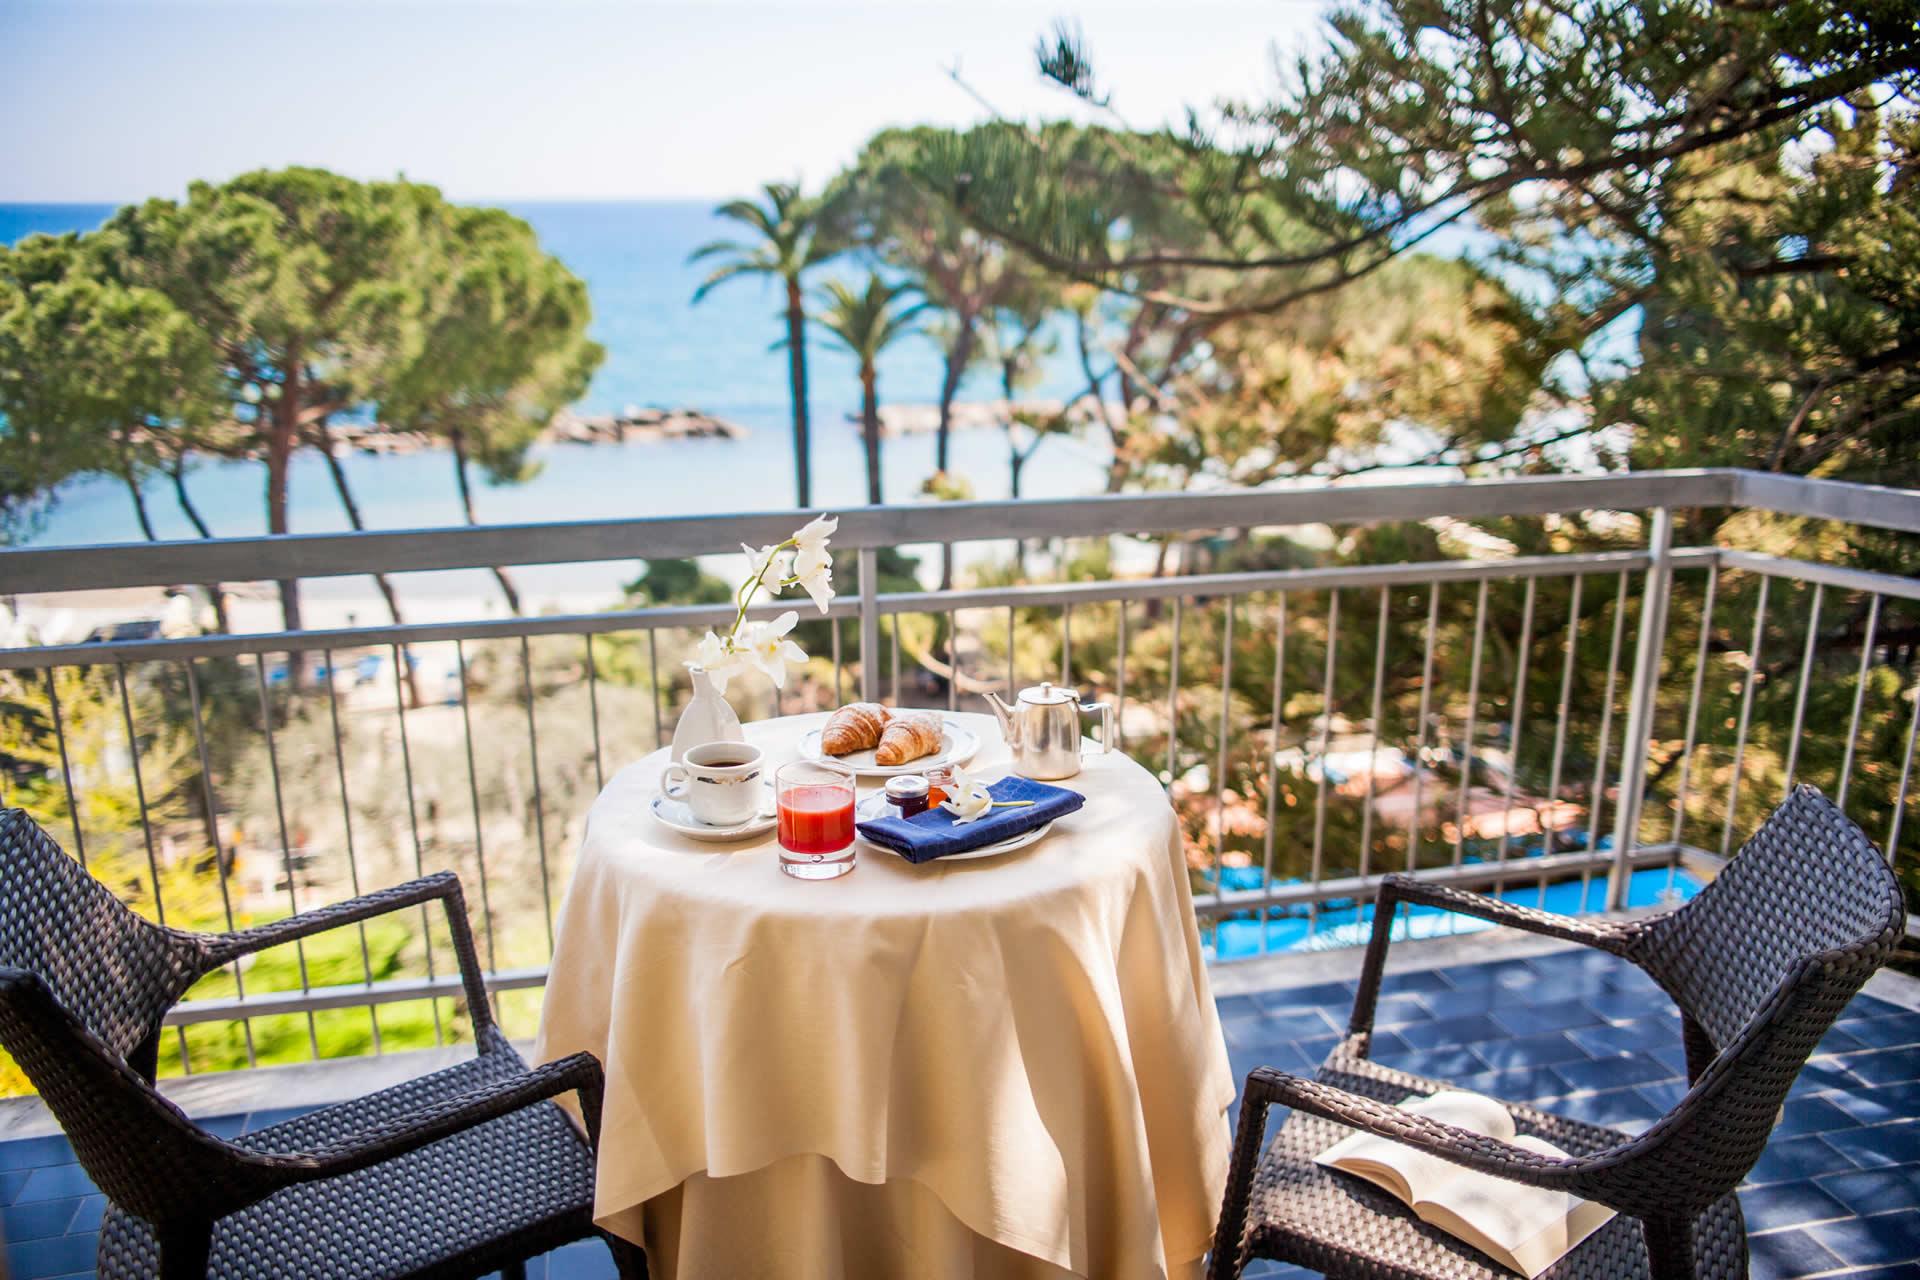 Hotel diano marina sul mare albergo wi fi spiaggia privata for Hotel meuble park spiaggia